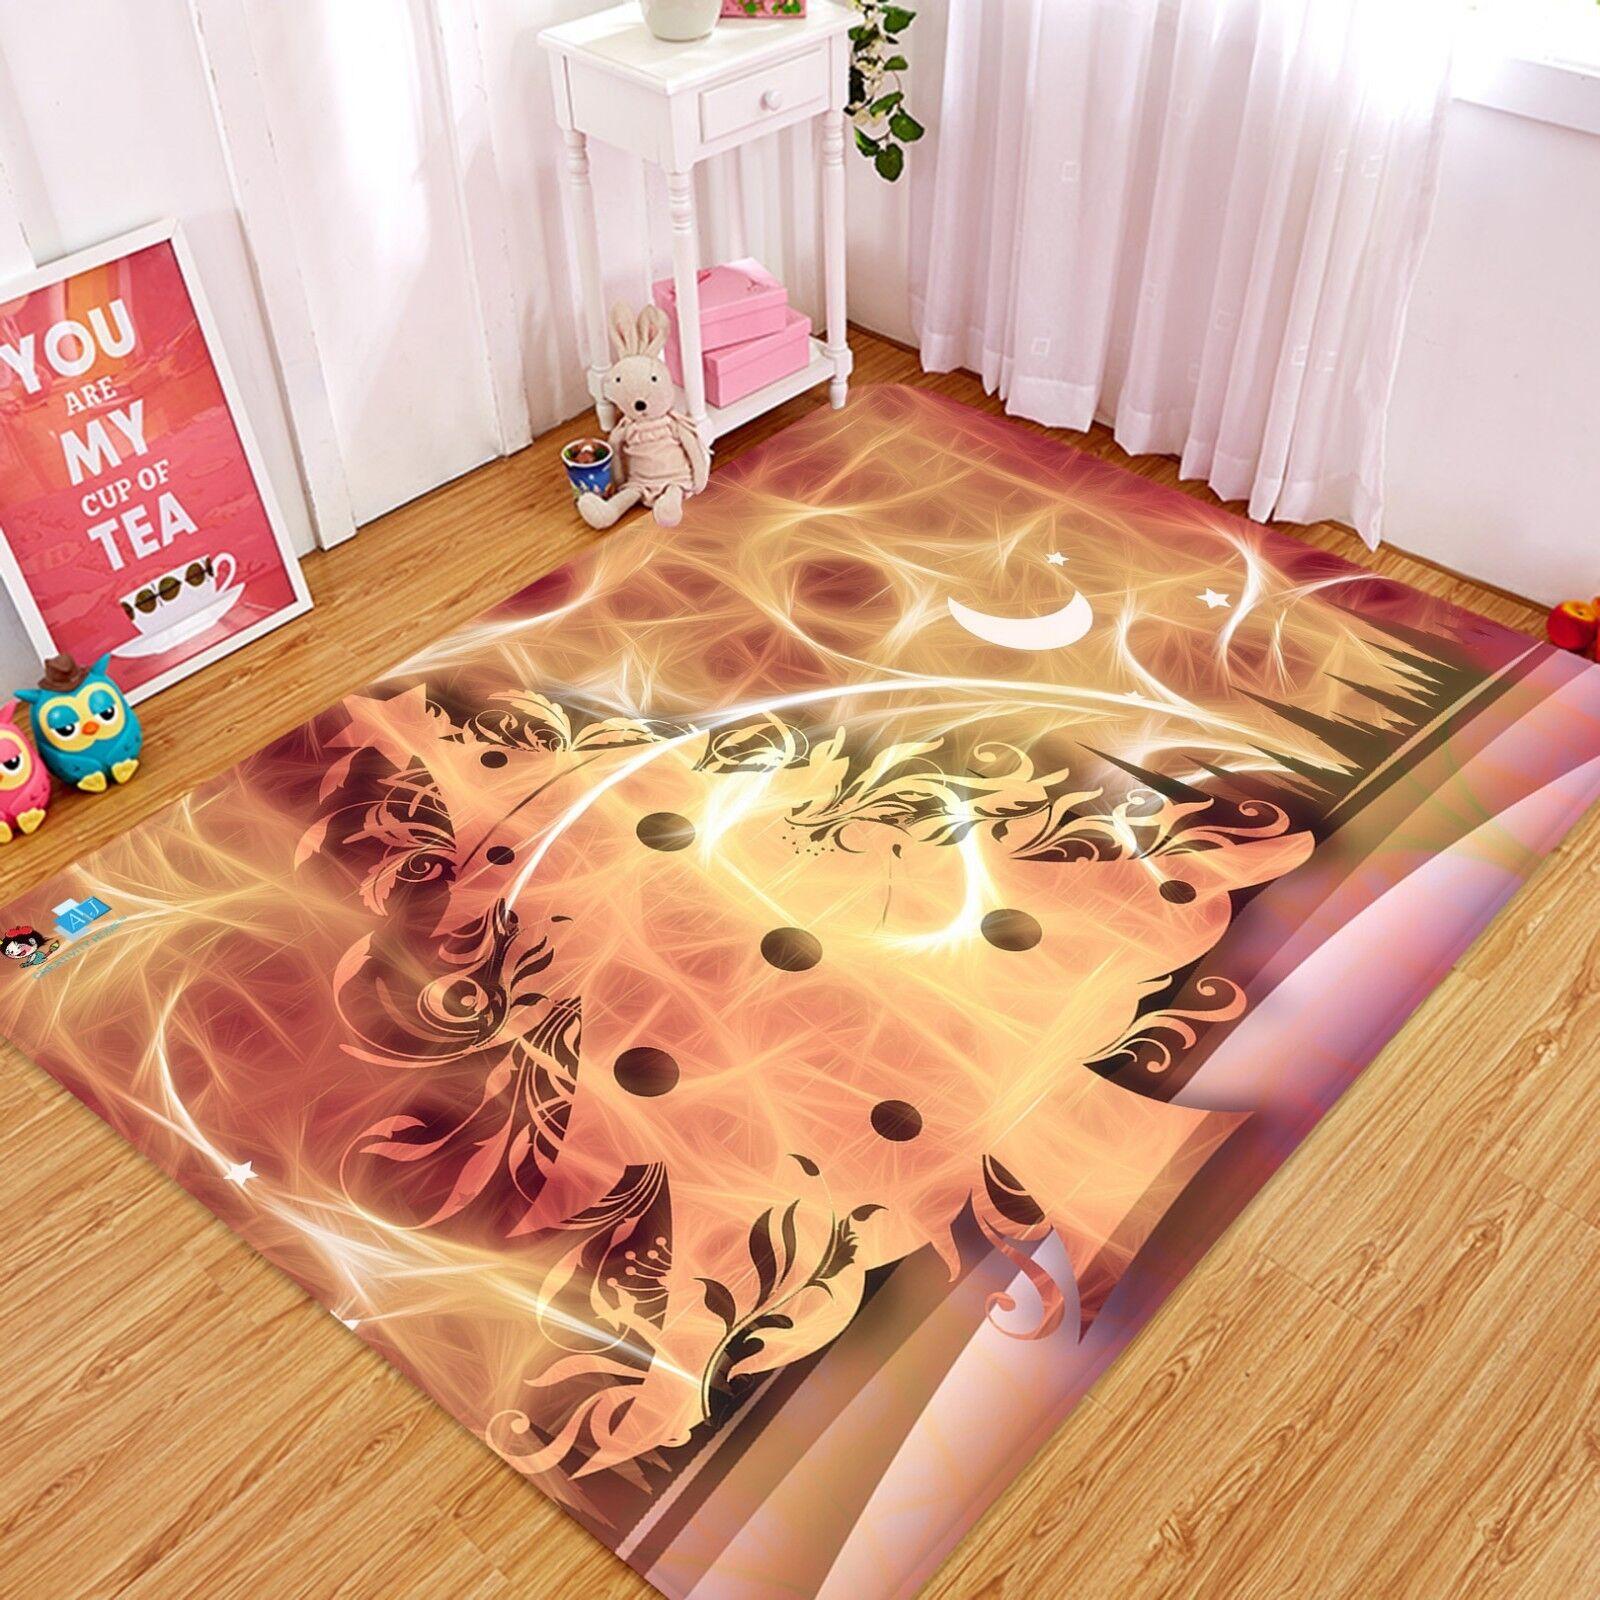 3D Christmas Xmas 11 Non Slip Slip Slip Rug Mat Room Mat Quality Elegant Photo Carpet UK 9bad5e